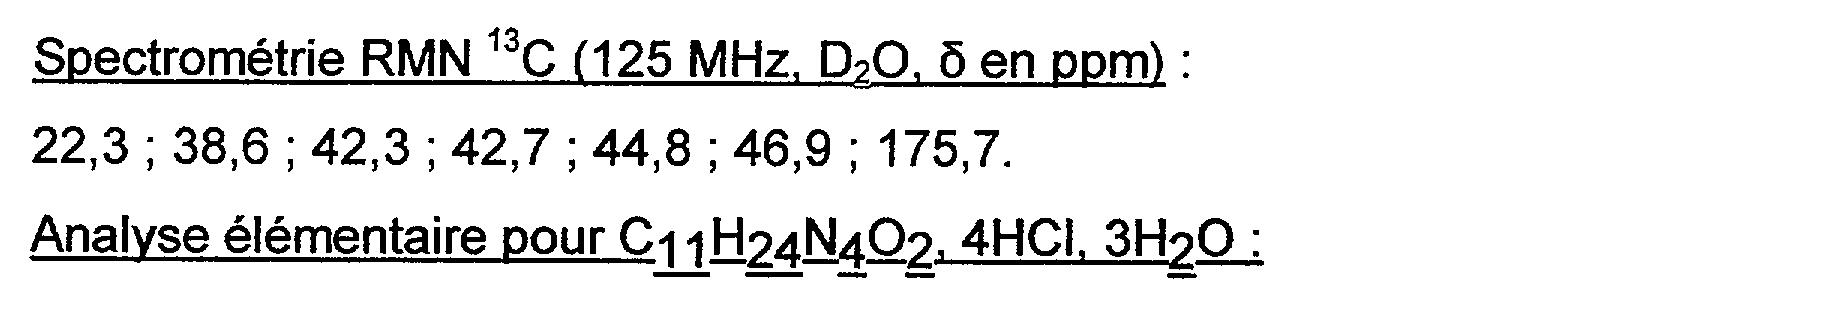 Figure img00110002